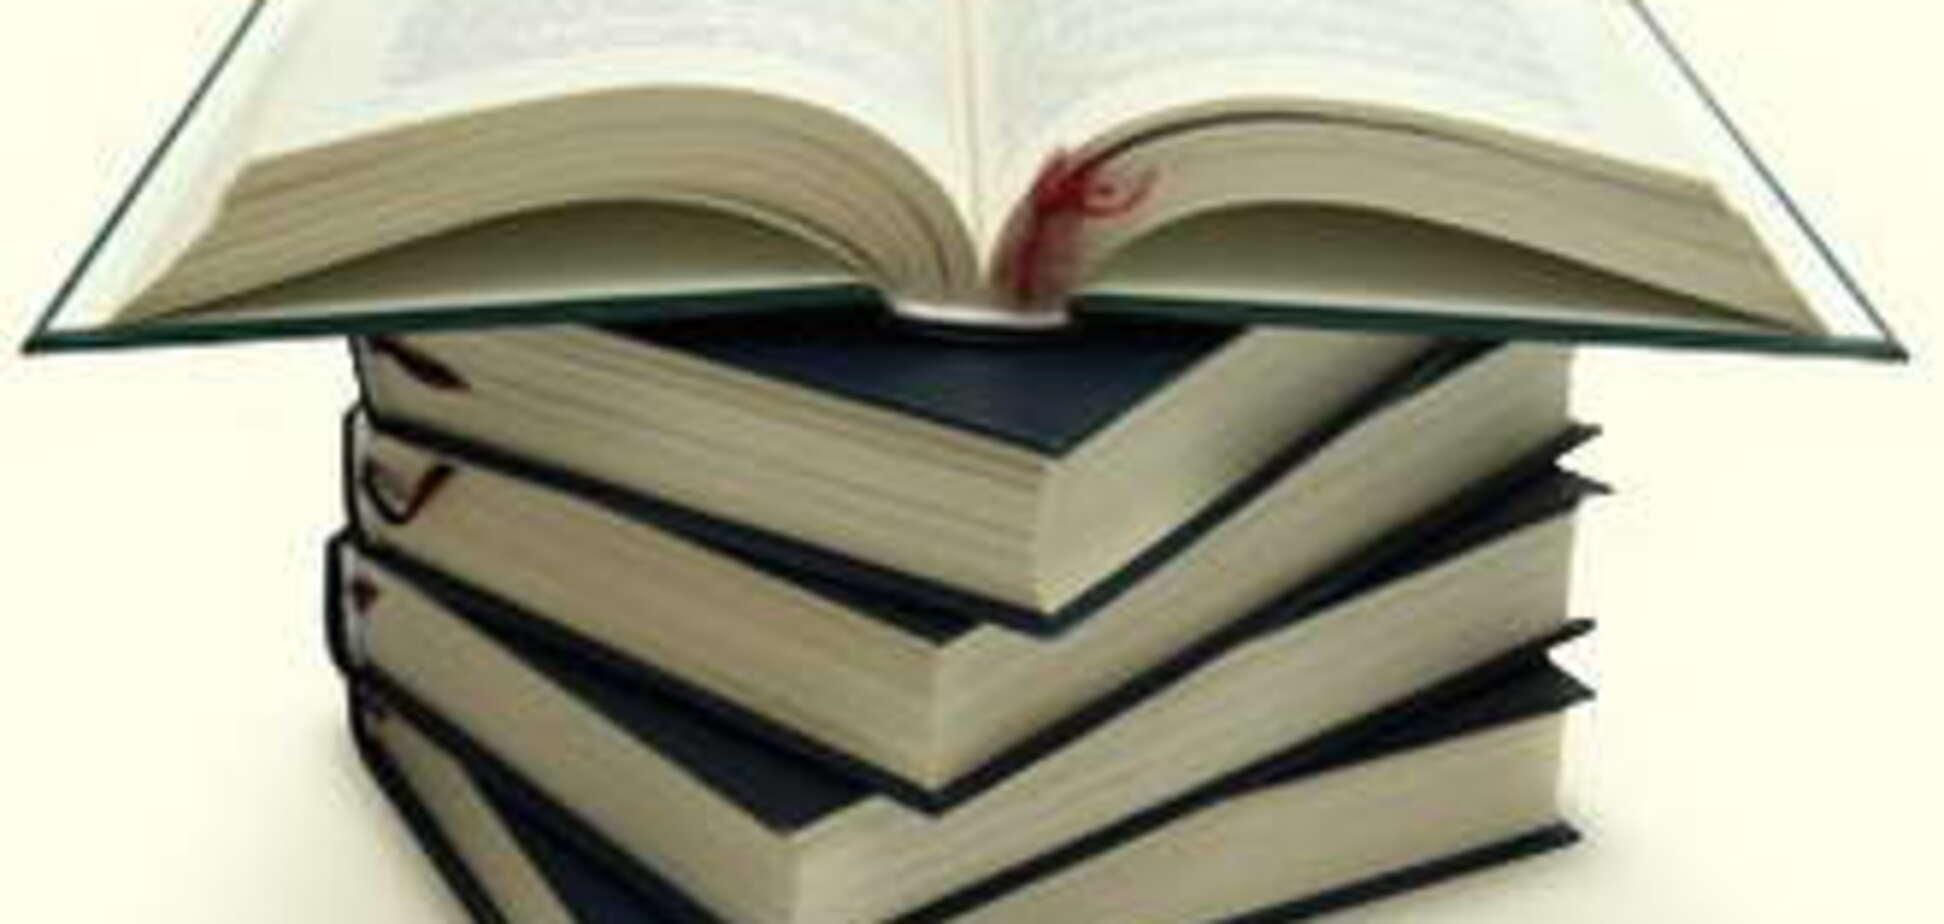 Обнародован короткий список литературной премии «Букер»